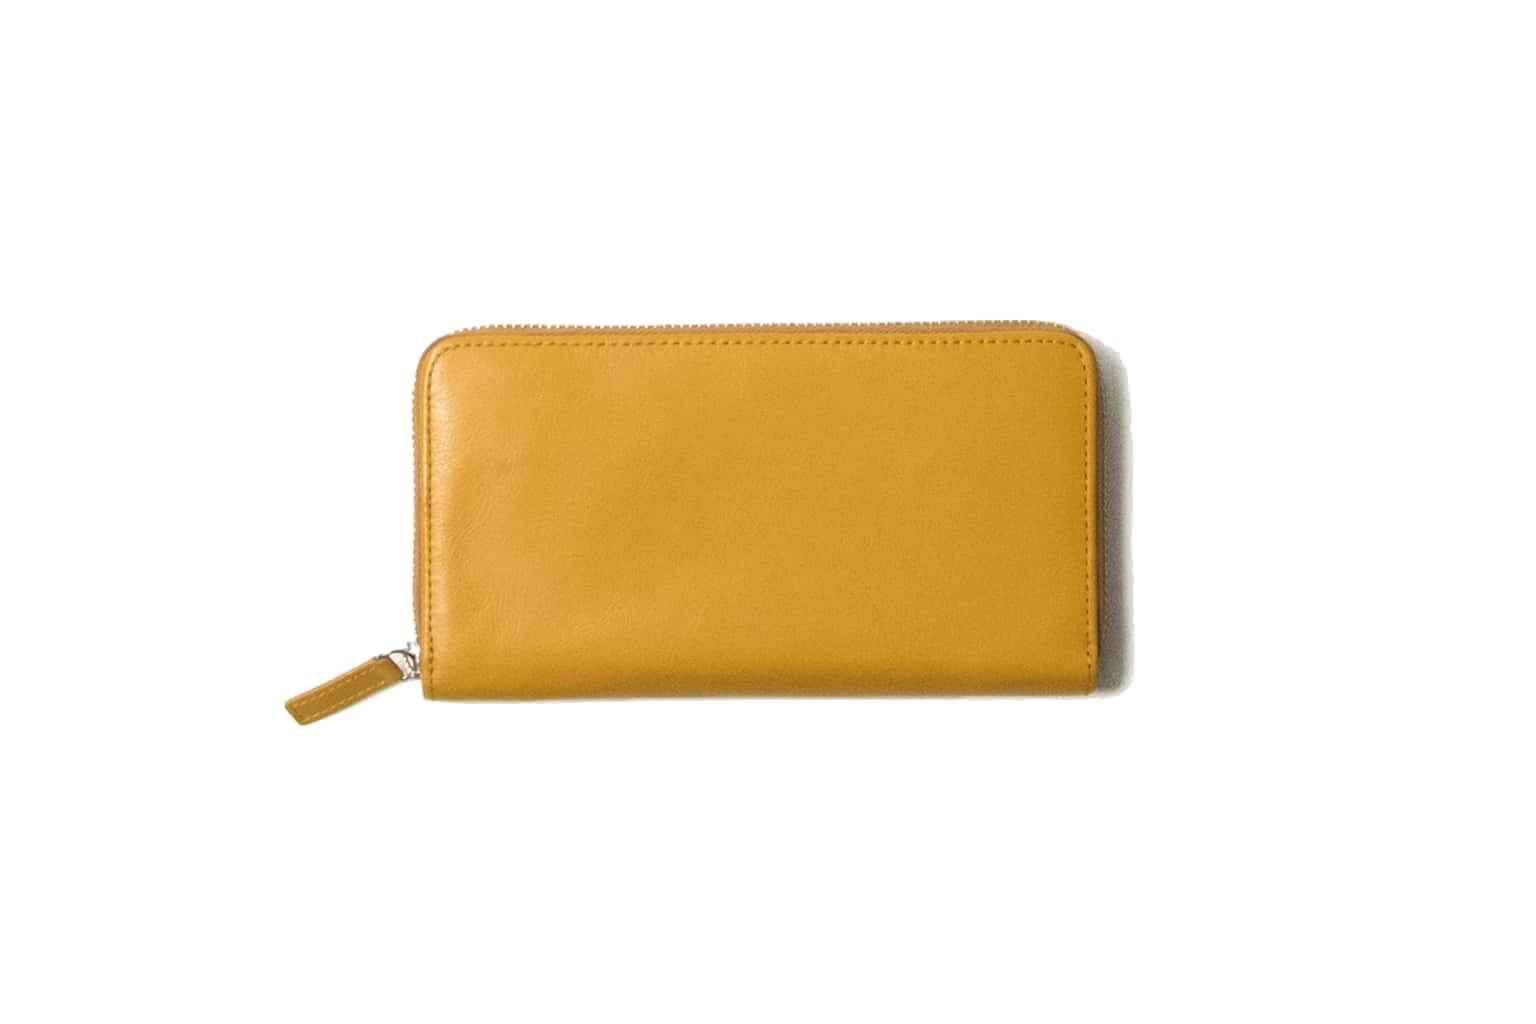 マスタードイエロー Business Leather Factory(ビジネスレザーファクトリー) 長財布(ラウンドファスナー)